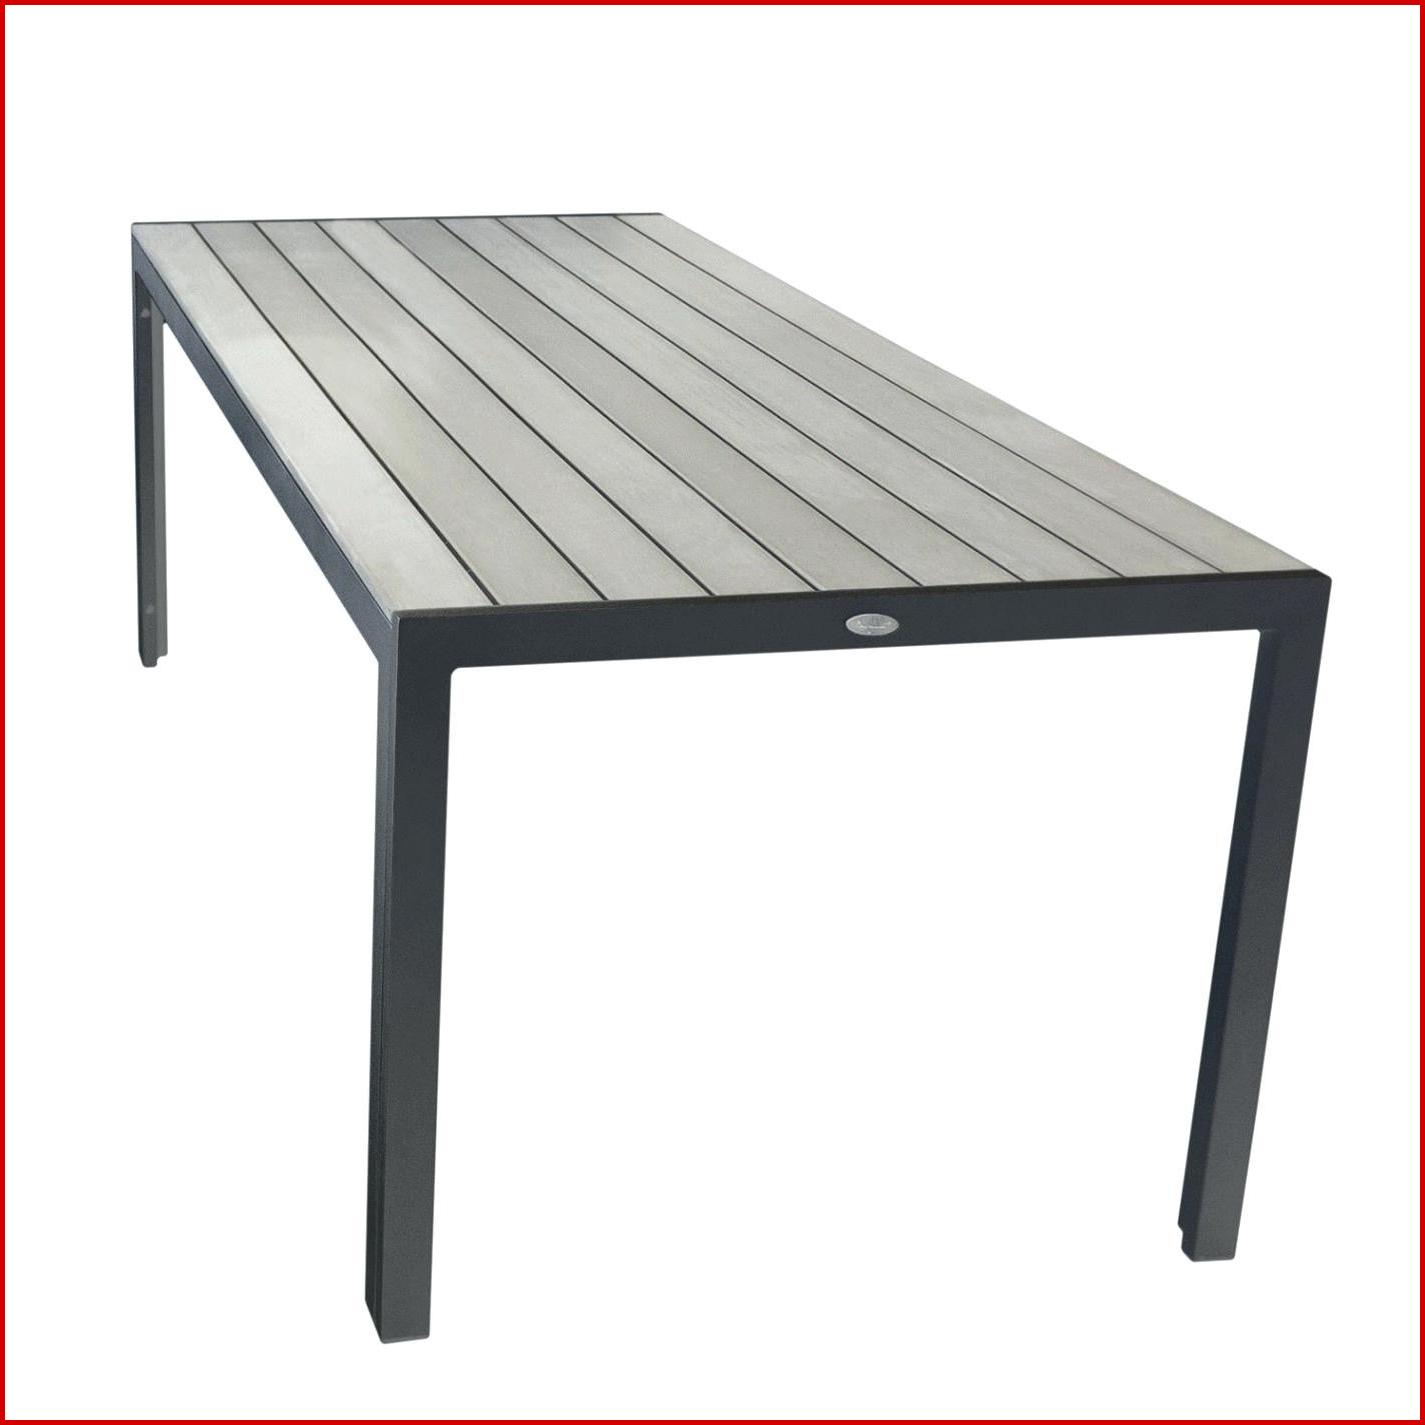 Full Size of Grill Beistelltisch Ikea Weber Tisch Modulküche Küche Miniküche Sofa Mit Schlaffunktion Kaufen Kosten Garten Betten Bei 160x200 Grillplatte Wohnzimmer Grill Beistelltisch Ikea